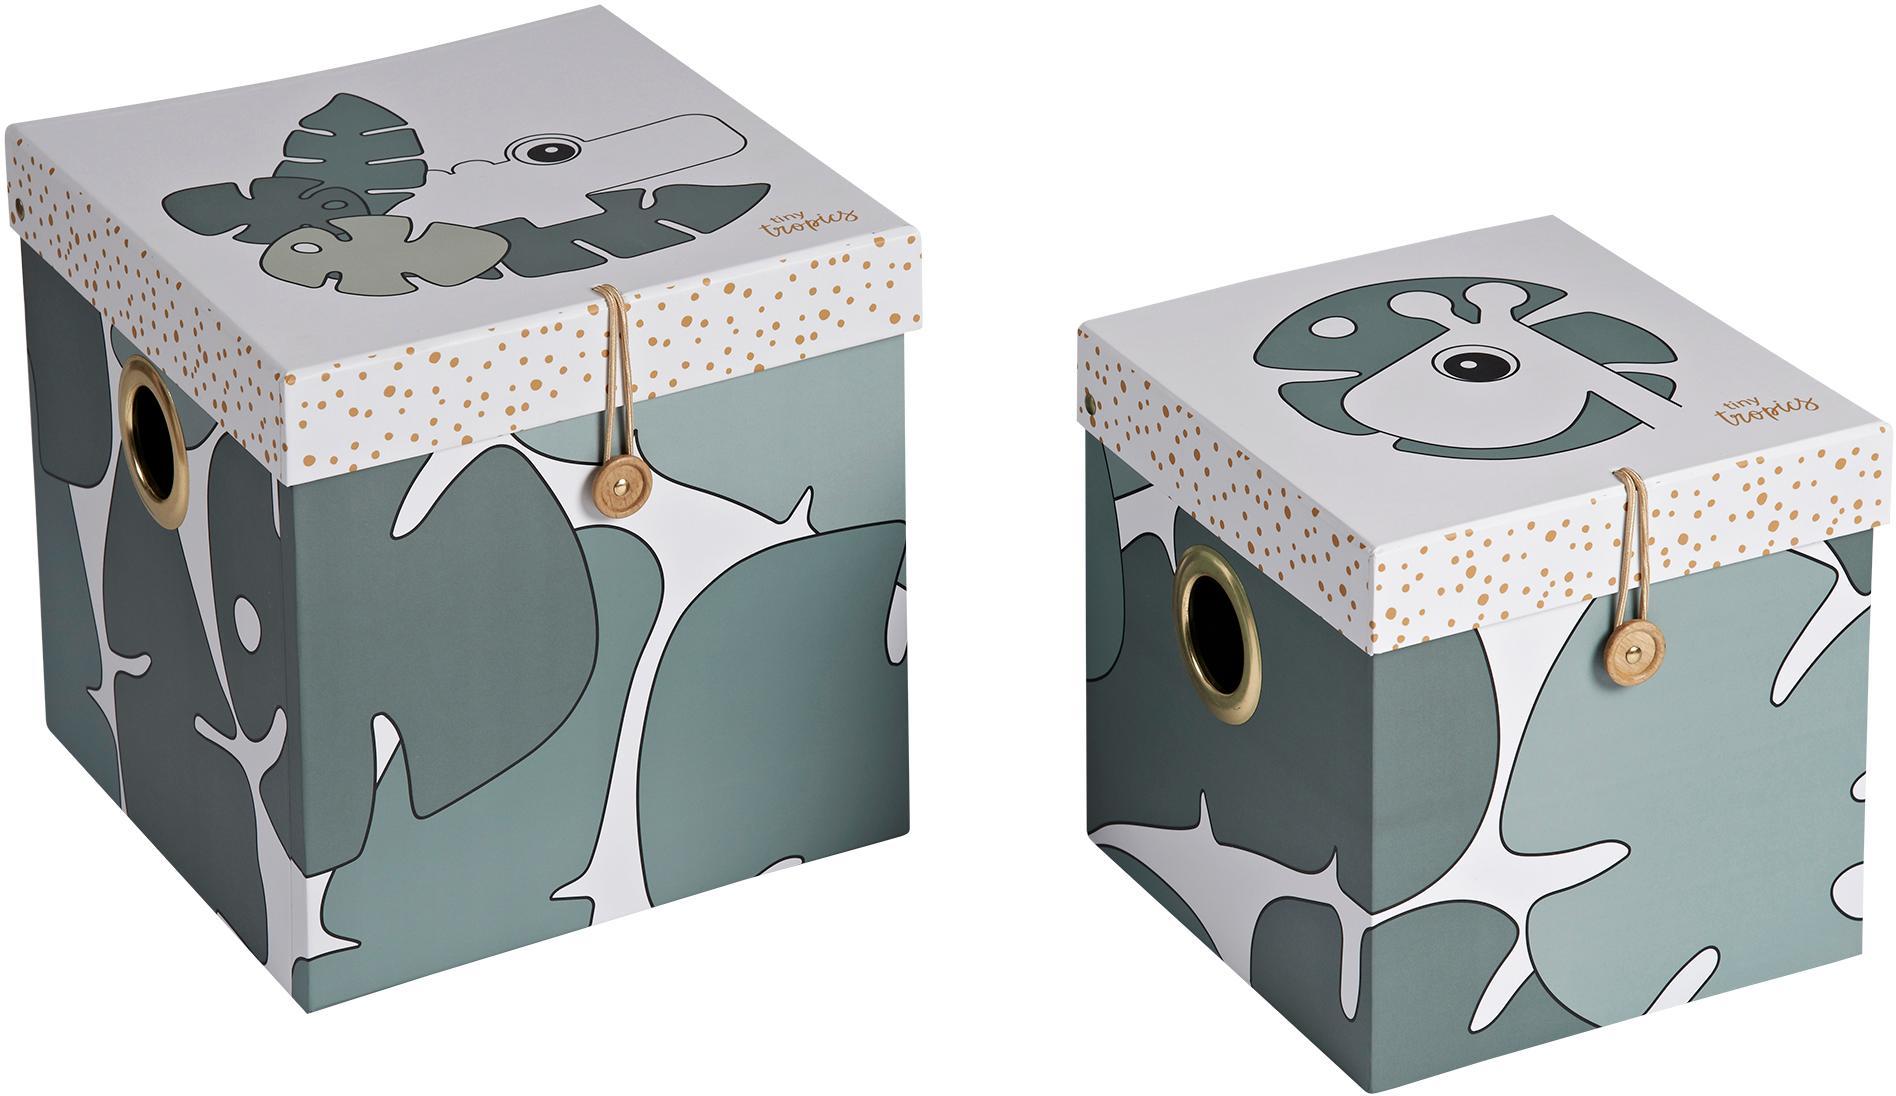 Aufbewahrungsboxen-Set Tiny Tropics, 2-tlg., Karton, laminiert, Grün, Set mit verschiedenen Größen